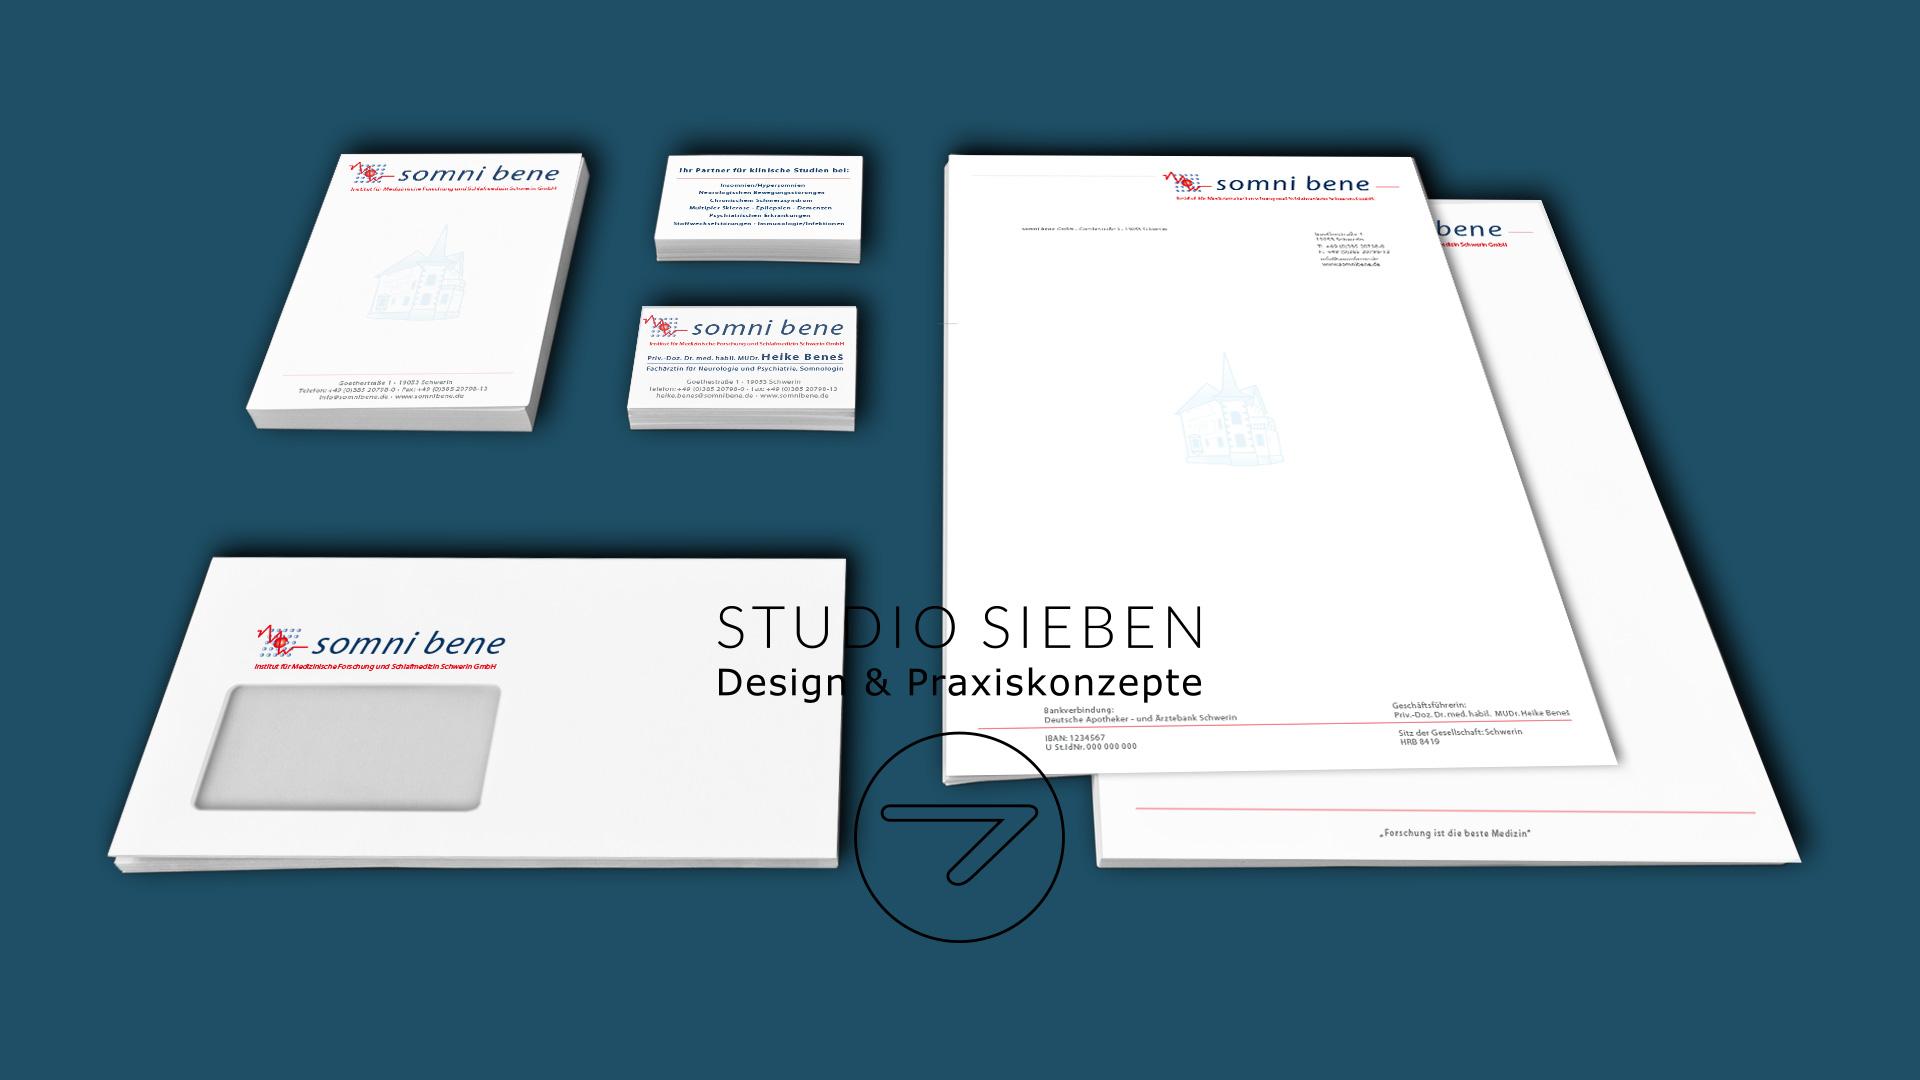 Institut für Medizinische Forschung und Schlafmedizin Schwerin Redesign Corporate Identity